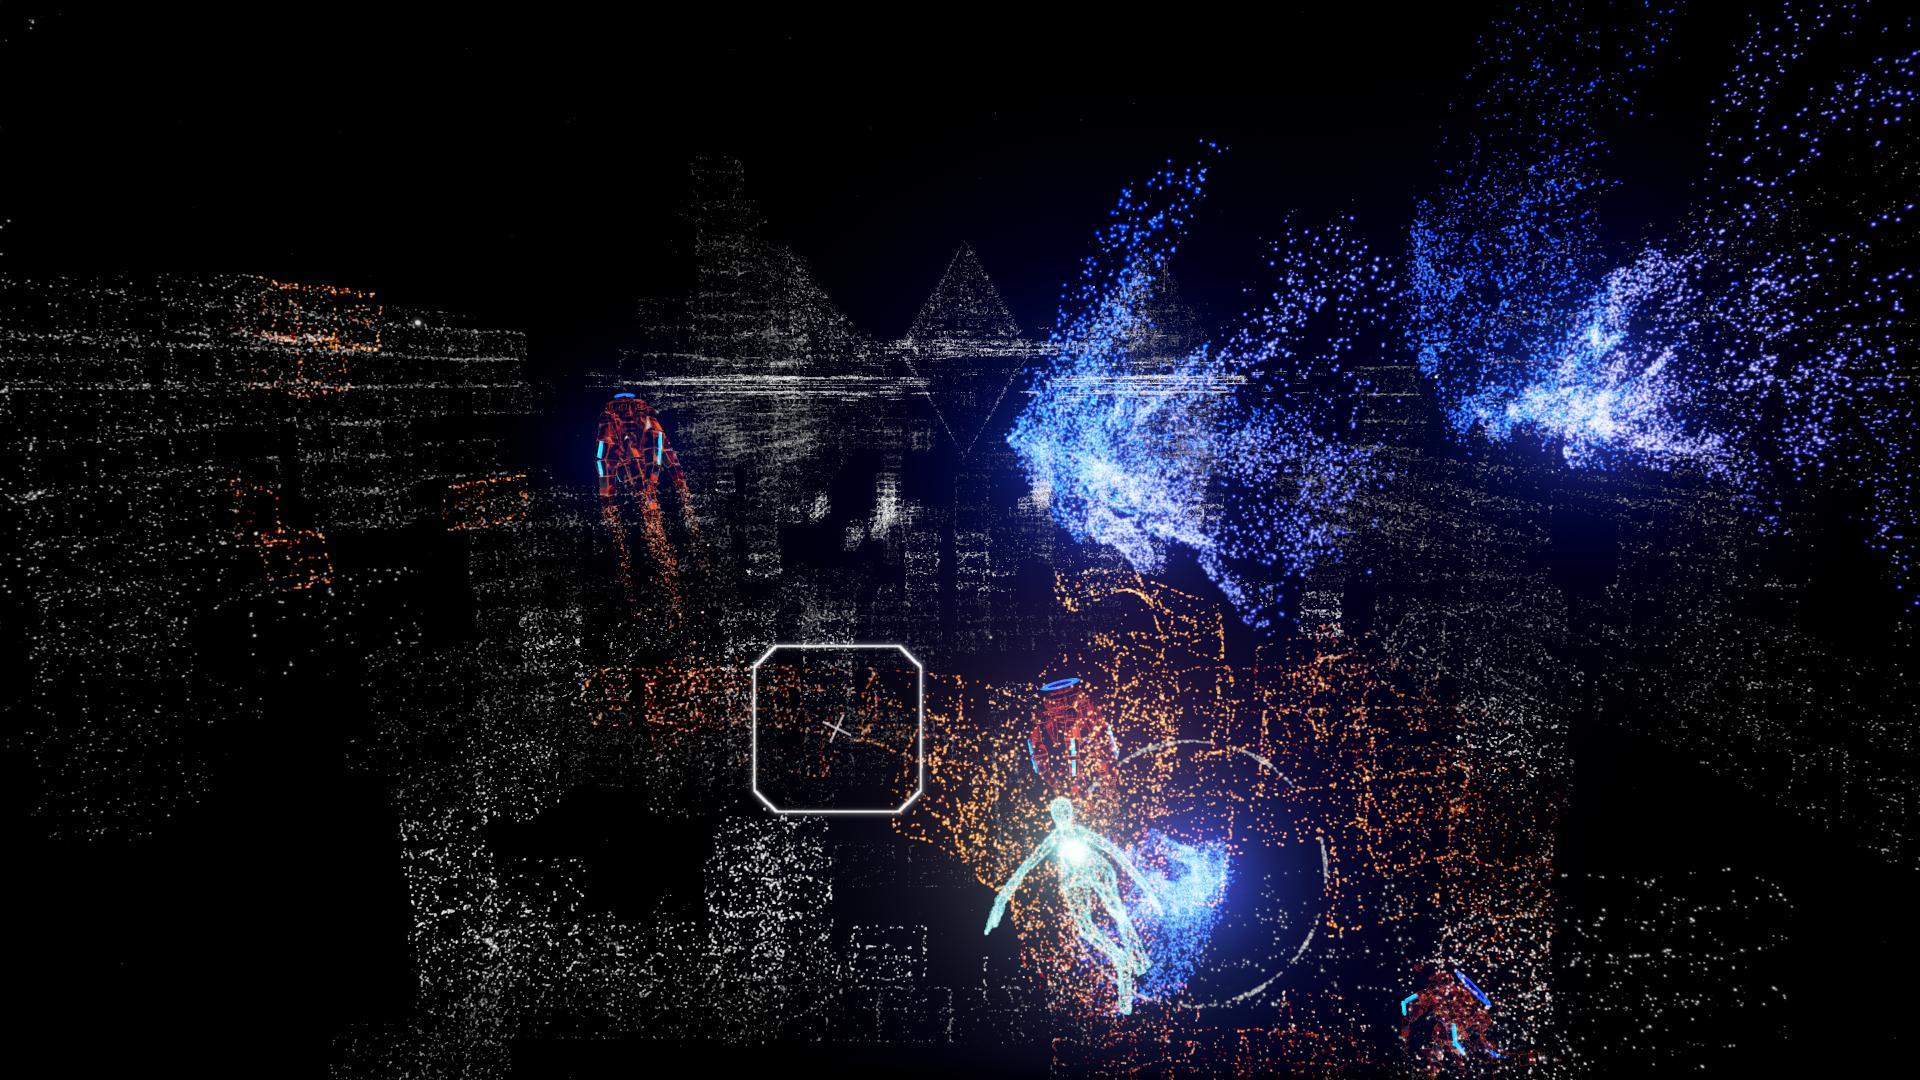 静止画では全然伝わらないと思われるのが残念。これはTVモードのスクリーンショットだが、VRモードではパーティクルそれぞれに立体感が加わり、光の海を泳ぐさまを見せつけられる